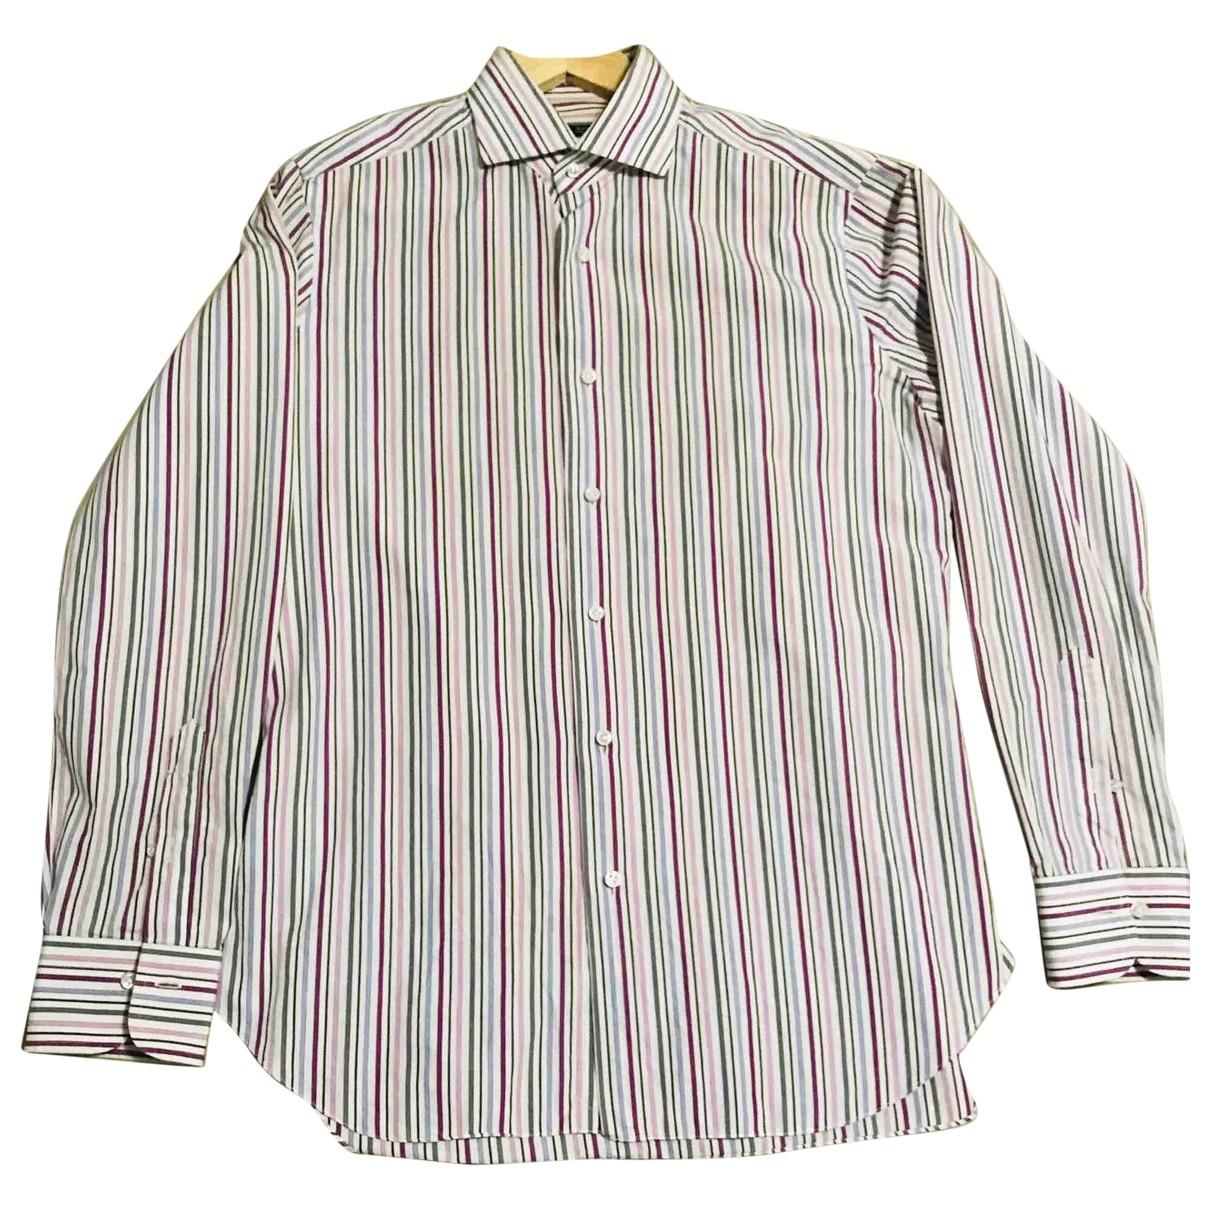 Barba - Chemises   pour homme en coton - multicolore